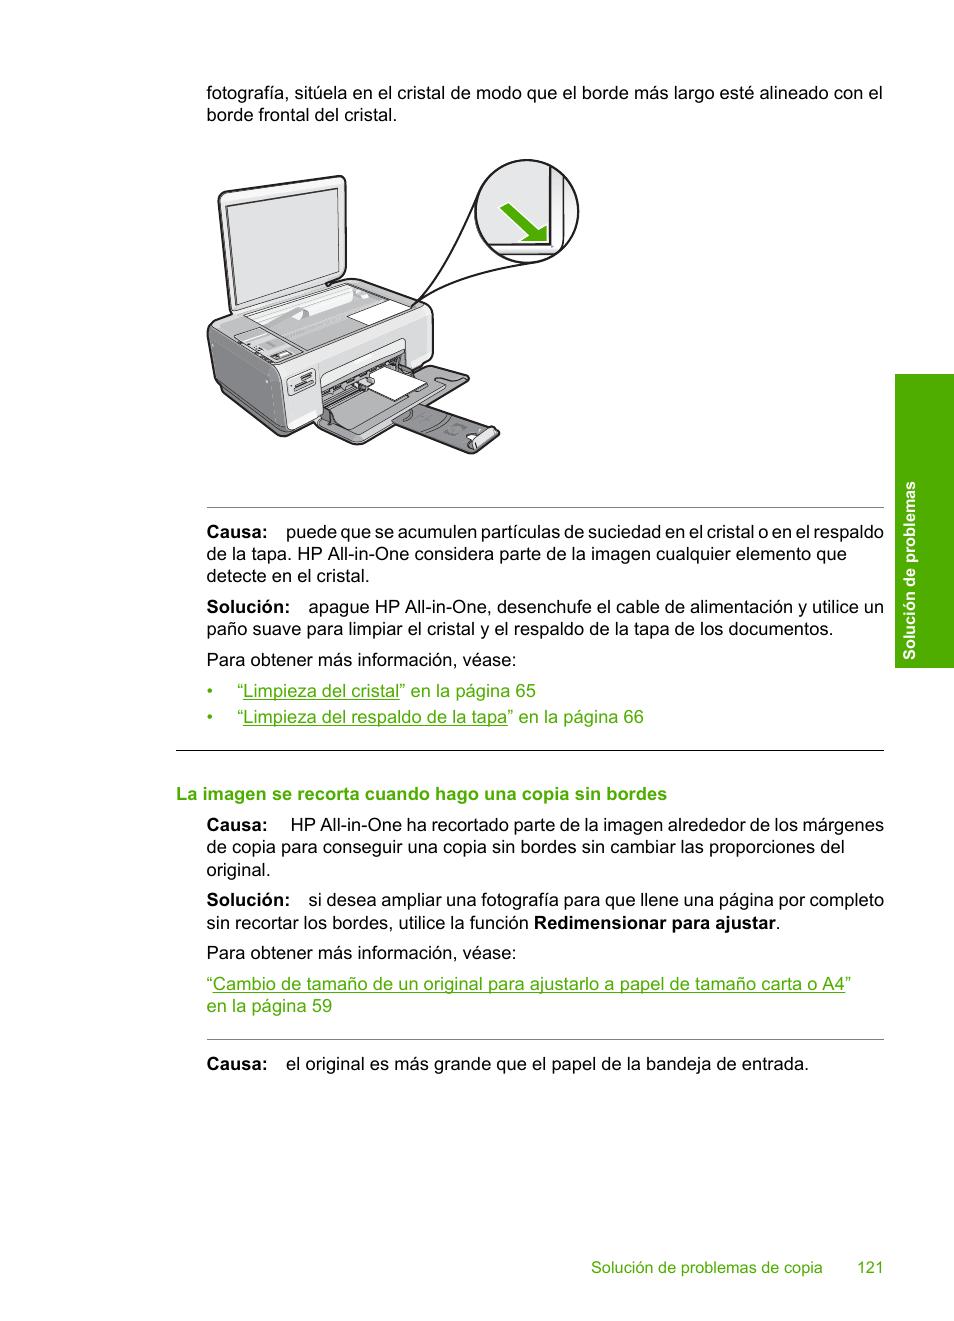 ... Array - hp impresora todo en uno hp photosmart c4280 manual del usuario  rh pdfmanuales com